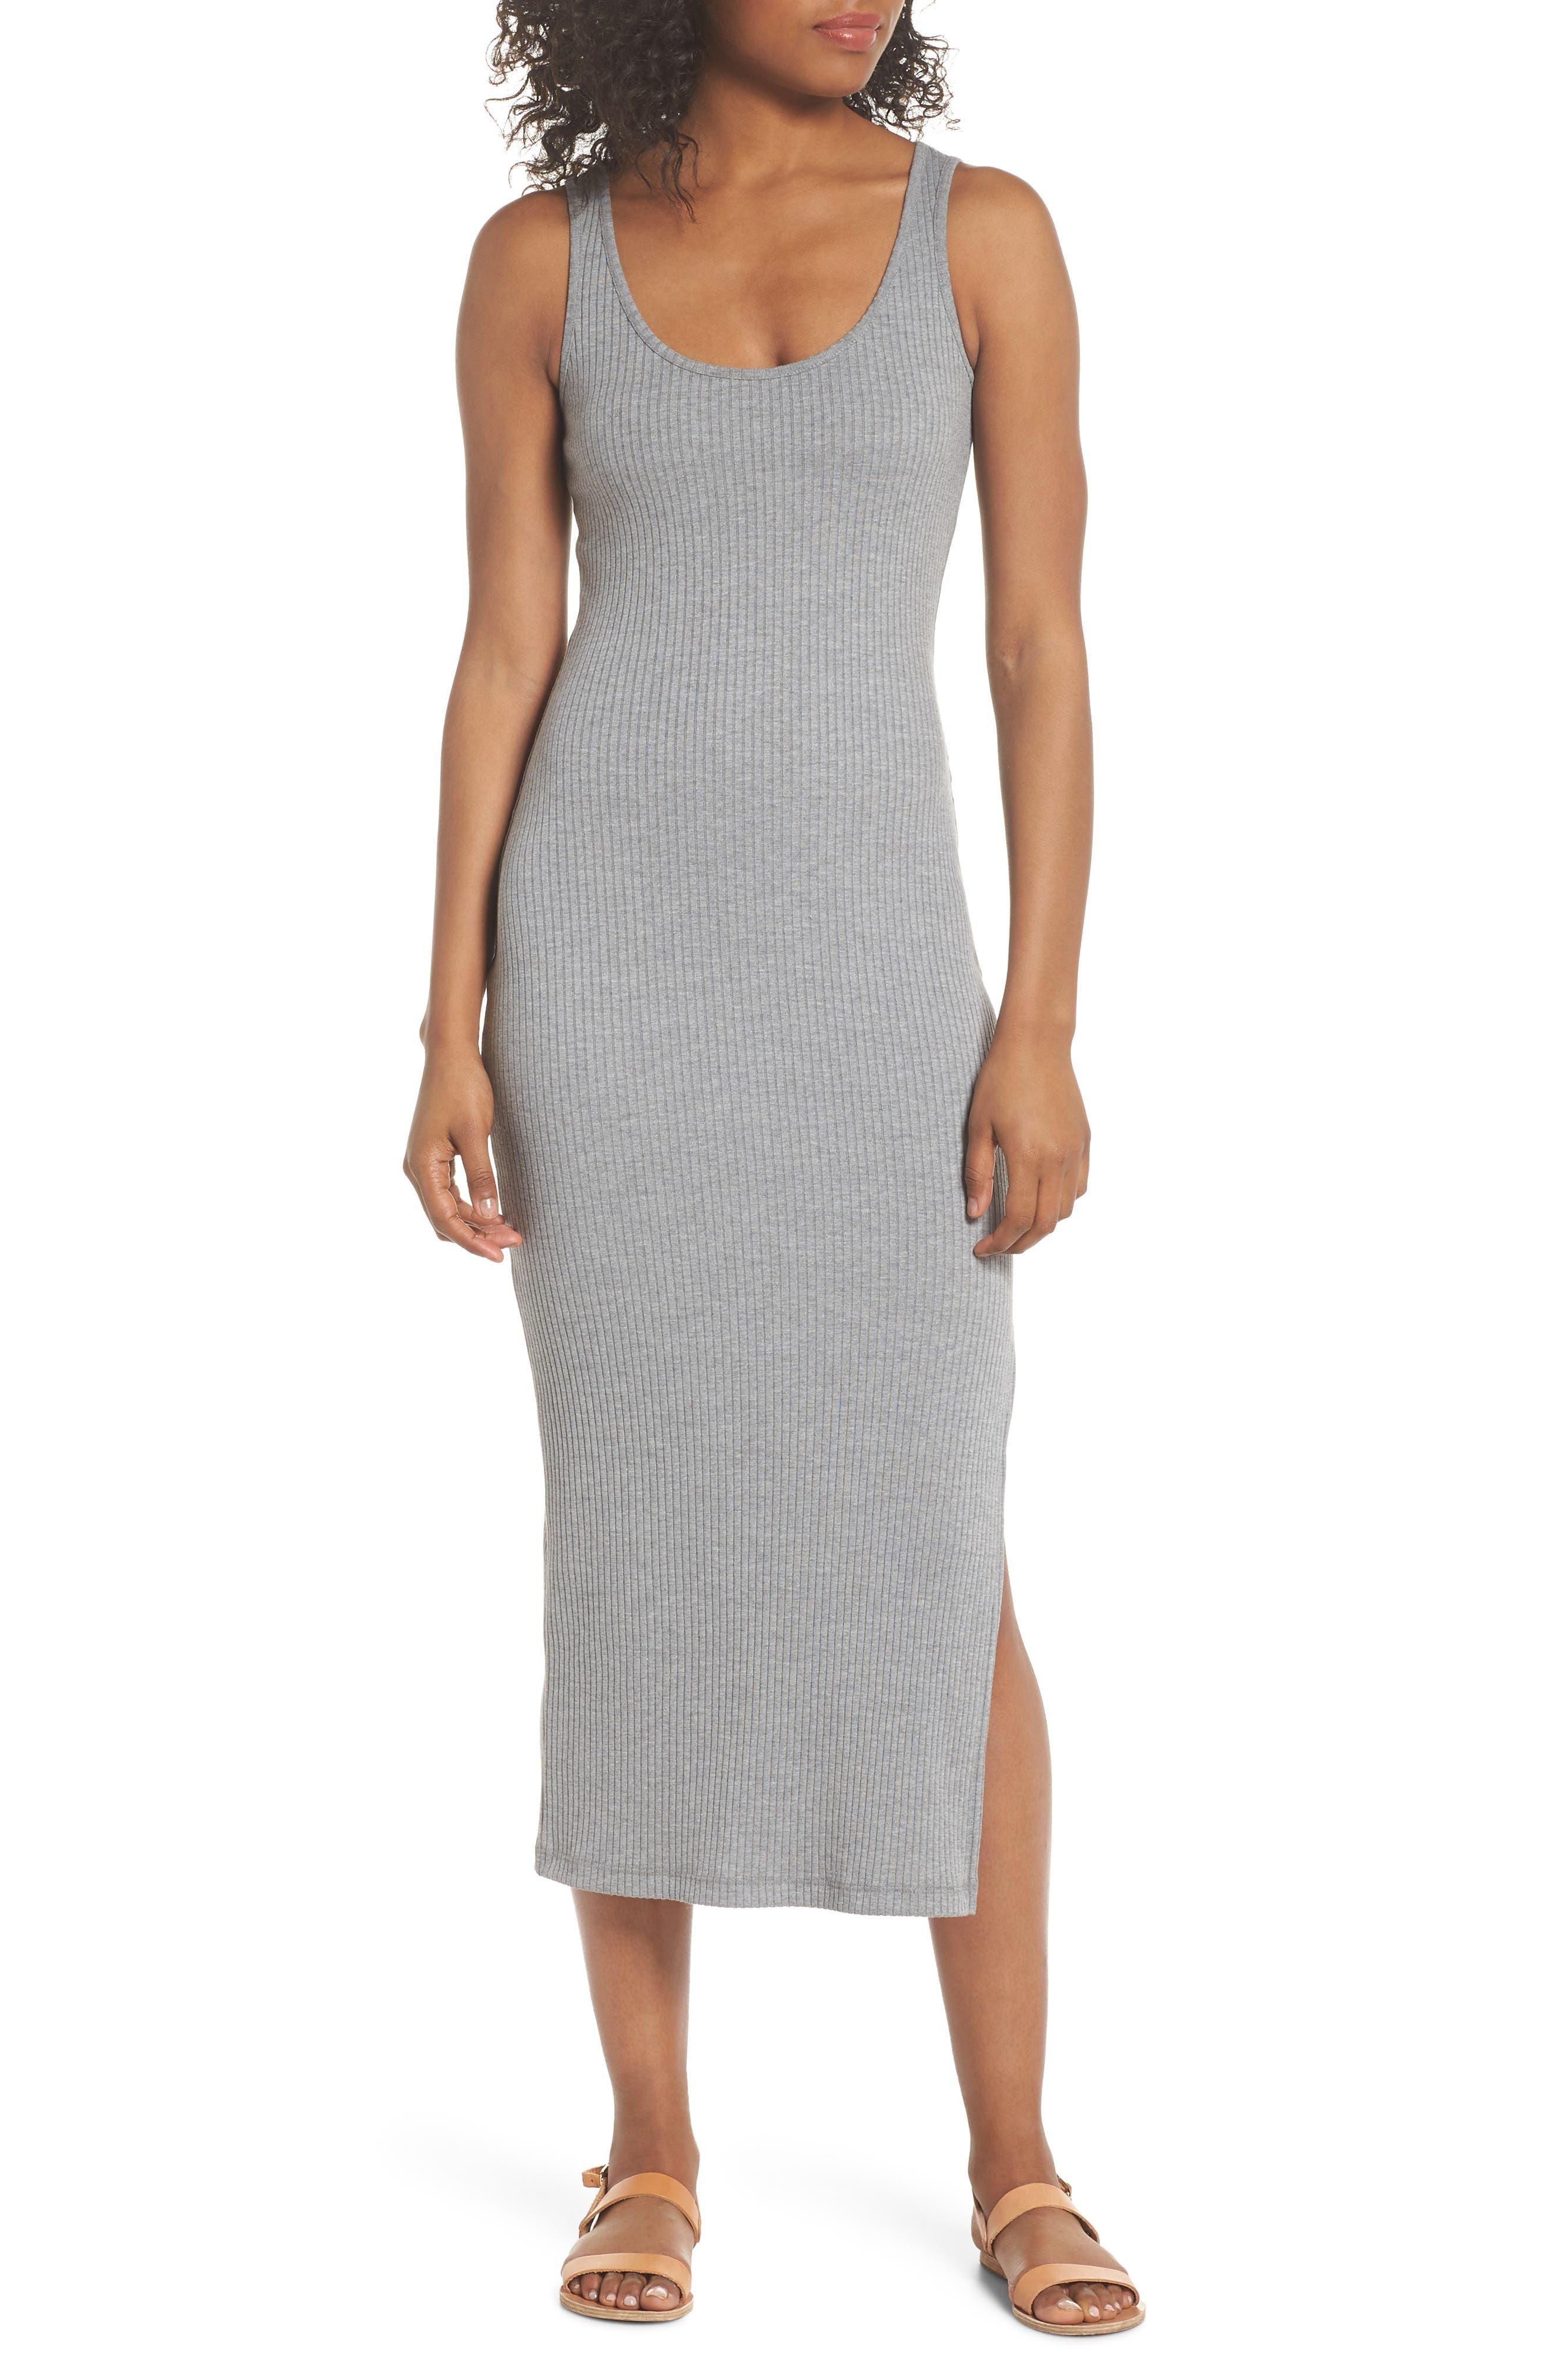 Tommy Rib Knit Tank Dress,                             Main thumbnail 1, color,                             Mid Grey Mel